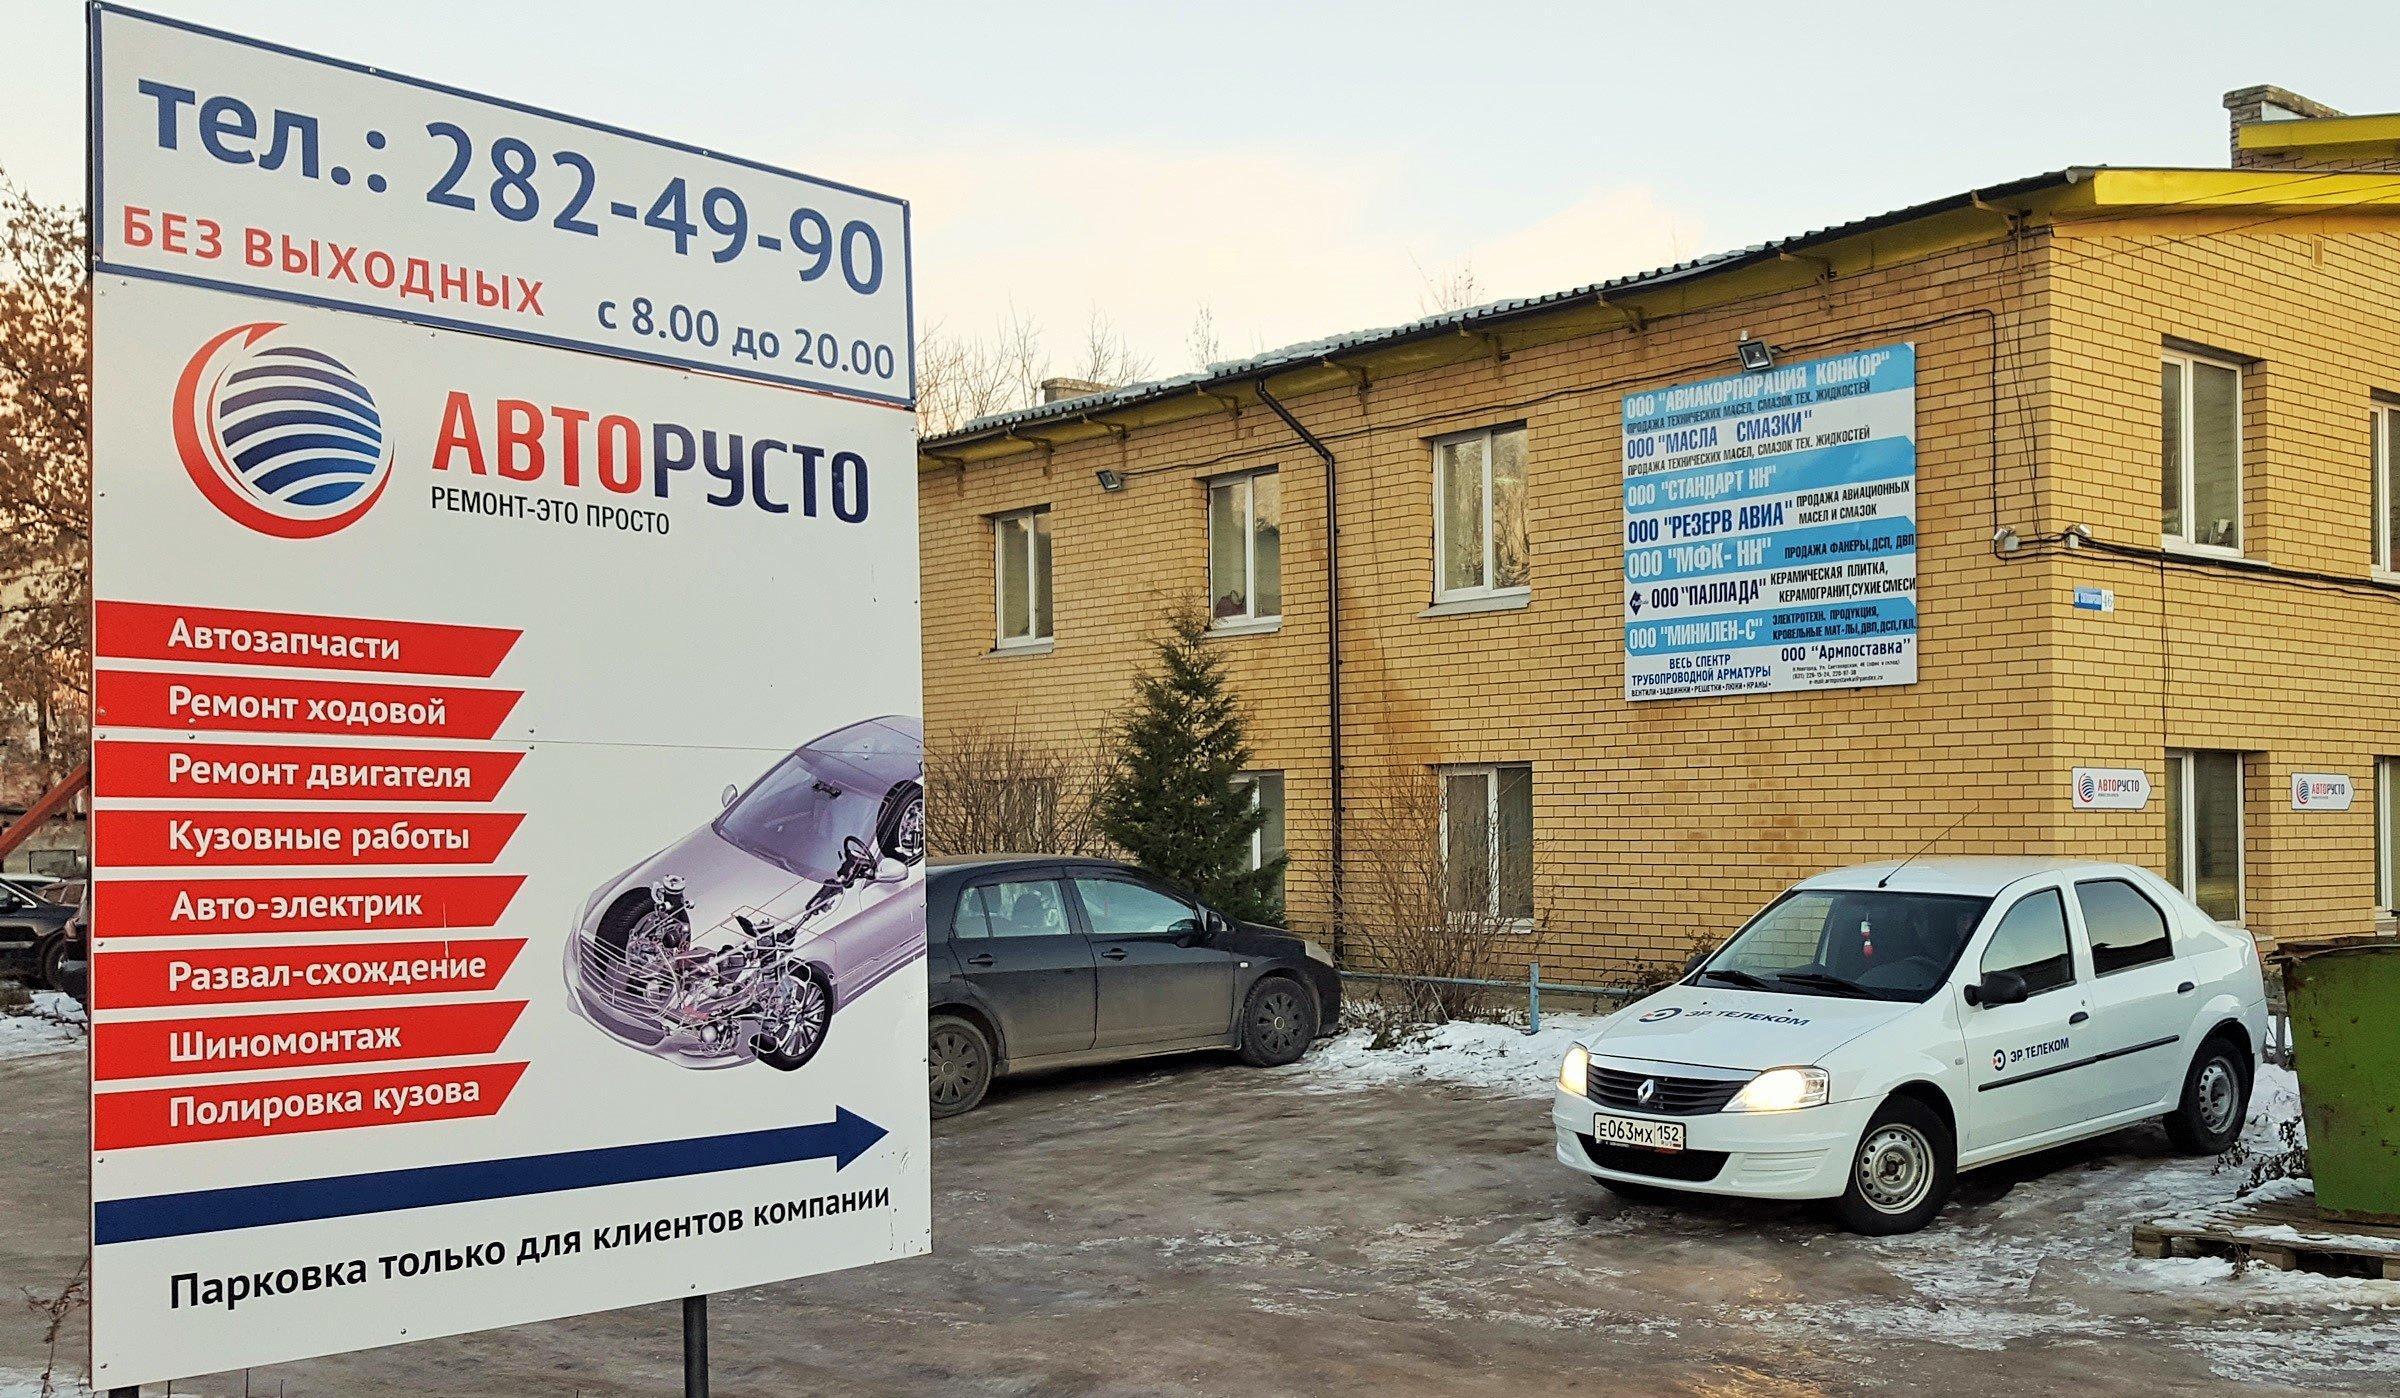 фотография Автосервиса АВТОРУСТО на Светлоярской улице